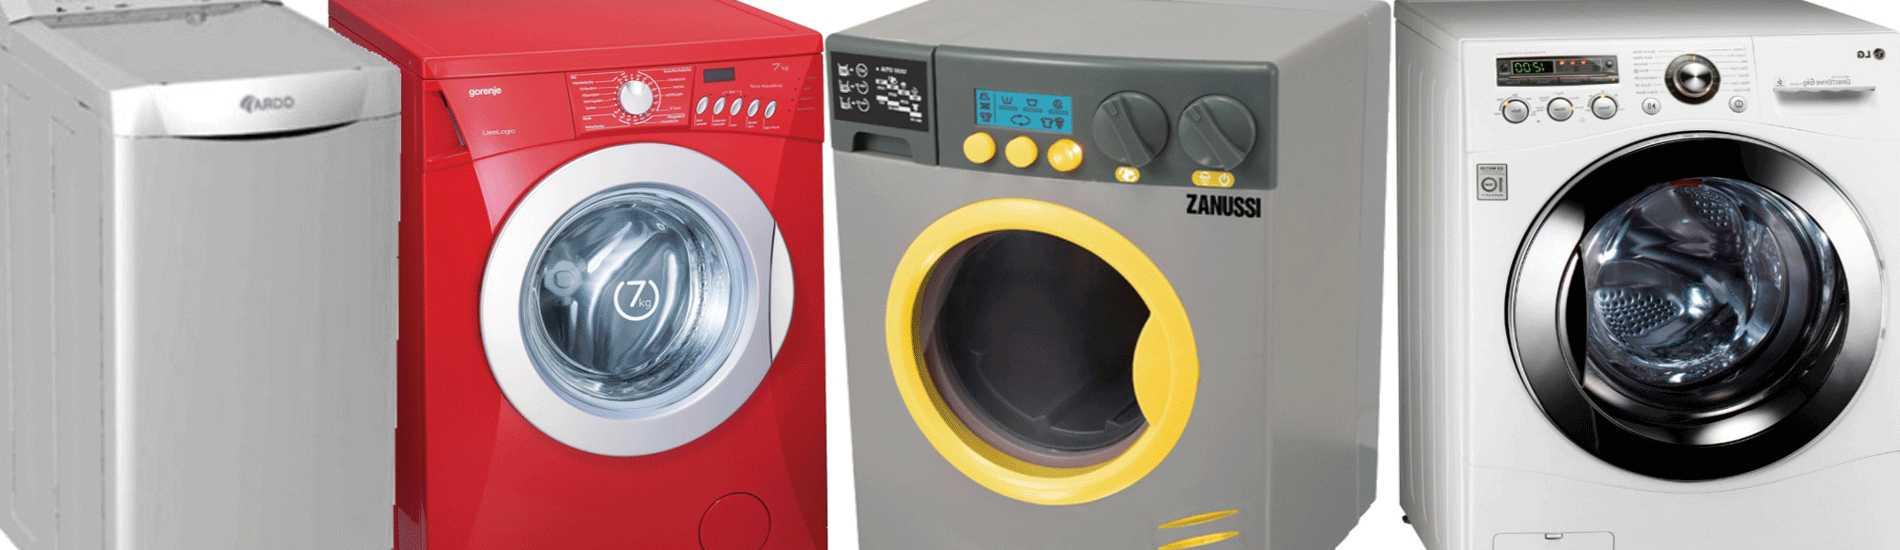 Описание режимов стирки в стиральной машины и сколько времени длится процесс